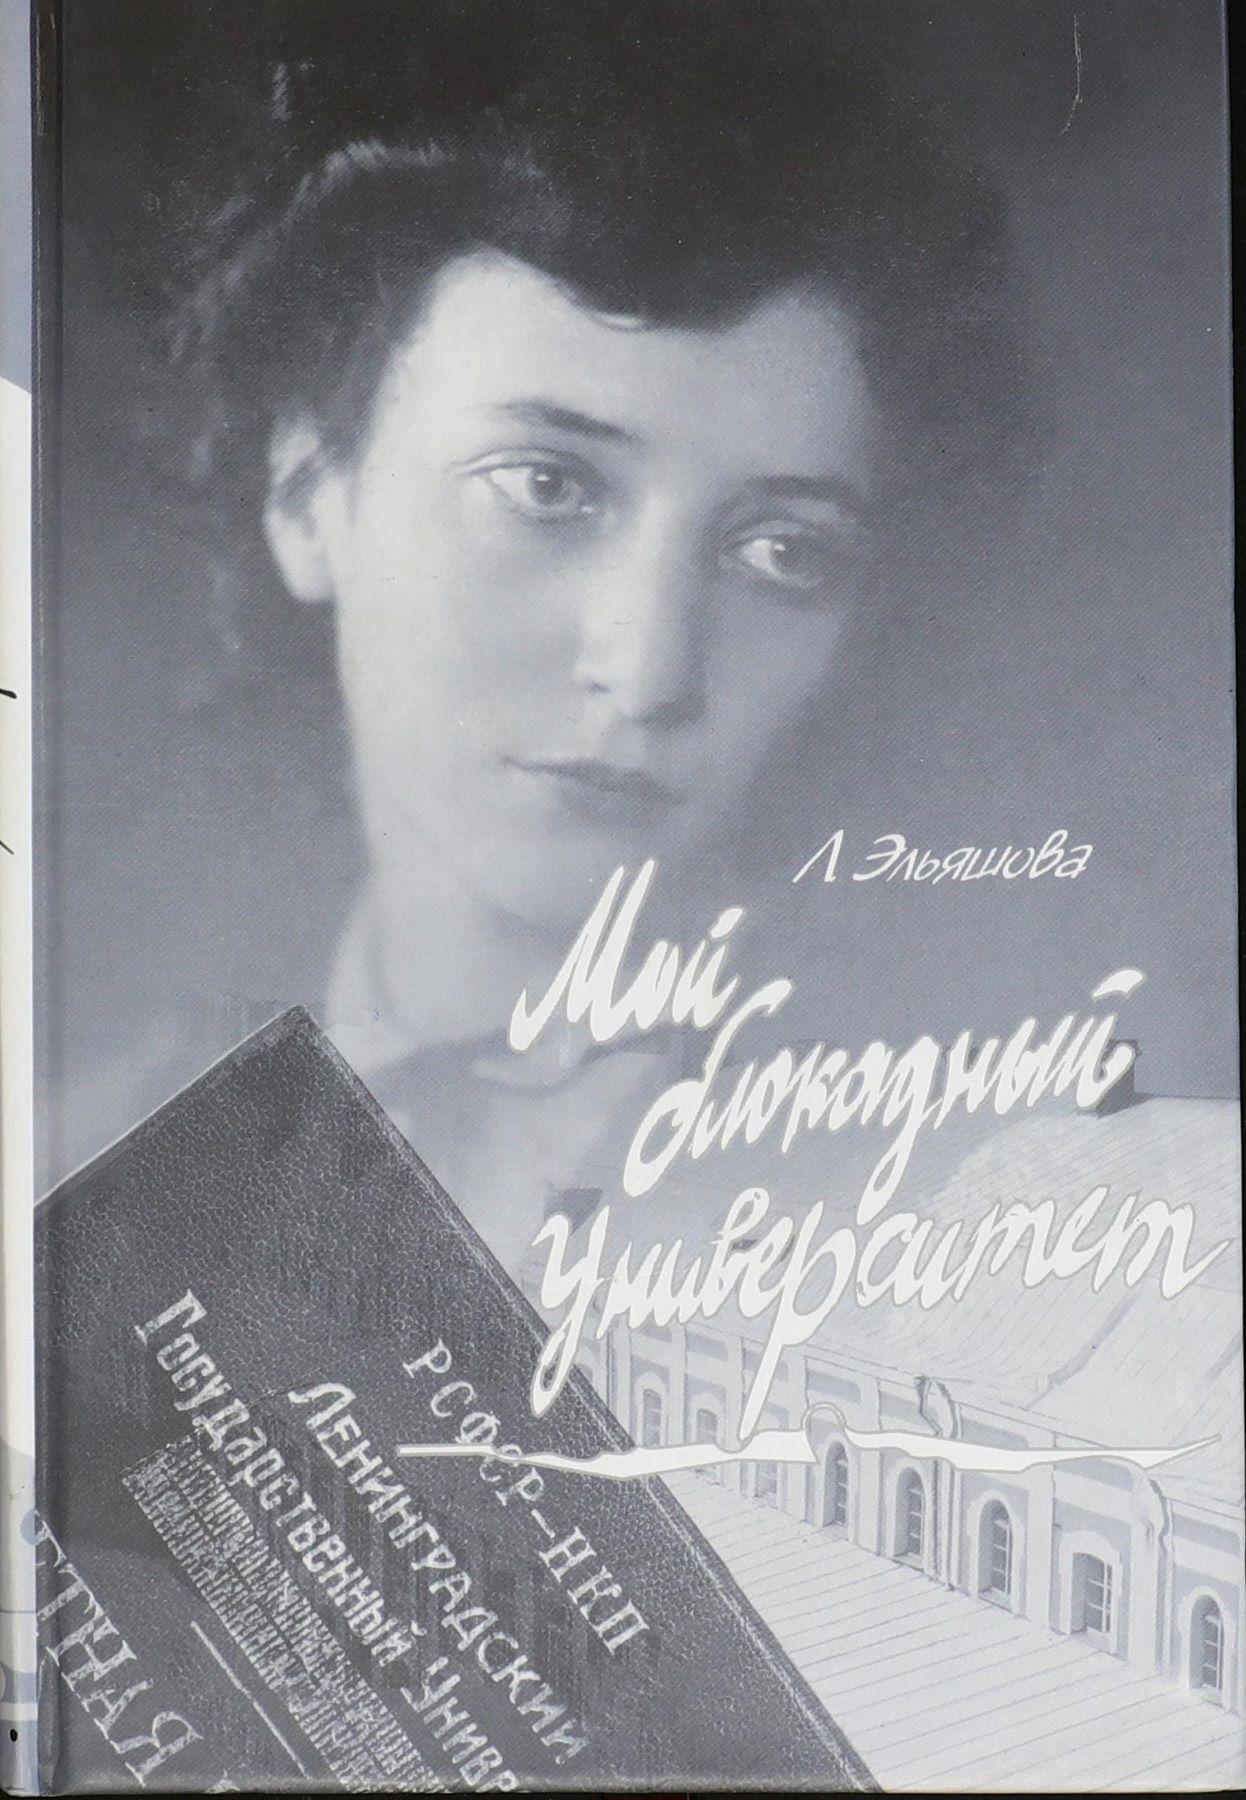 Книга студентки университета Людмилы Леонидовны Эльяшовой, основанная на воспоминаниях, дневниках и переписки автора, рассказывает о жизни и обороне города